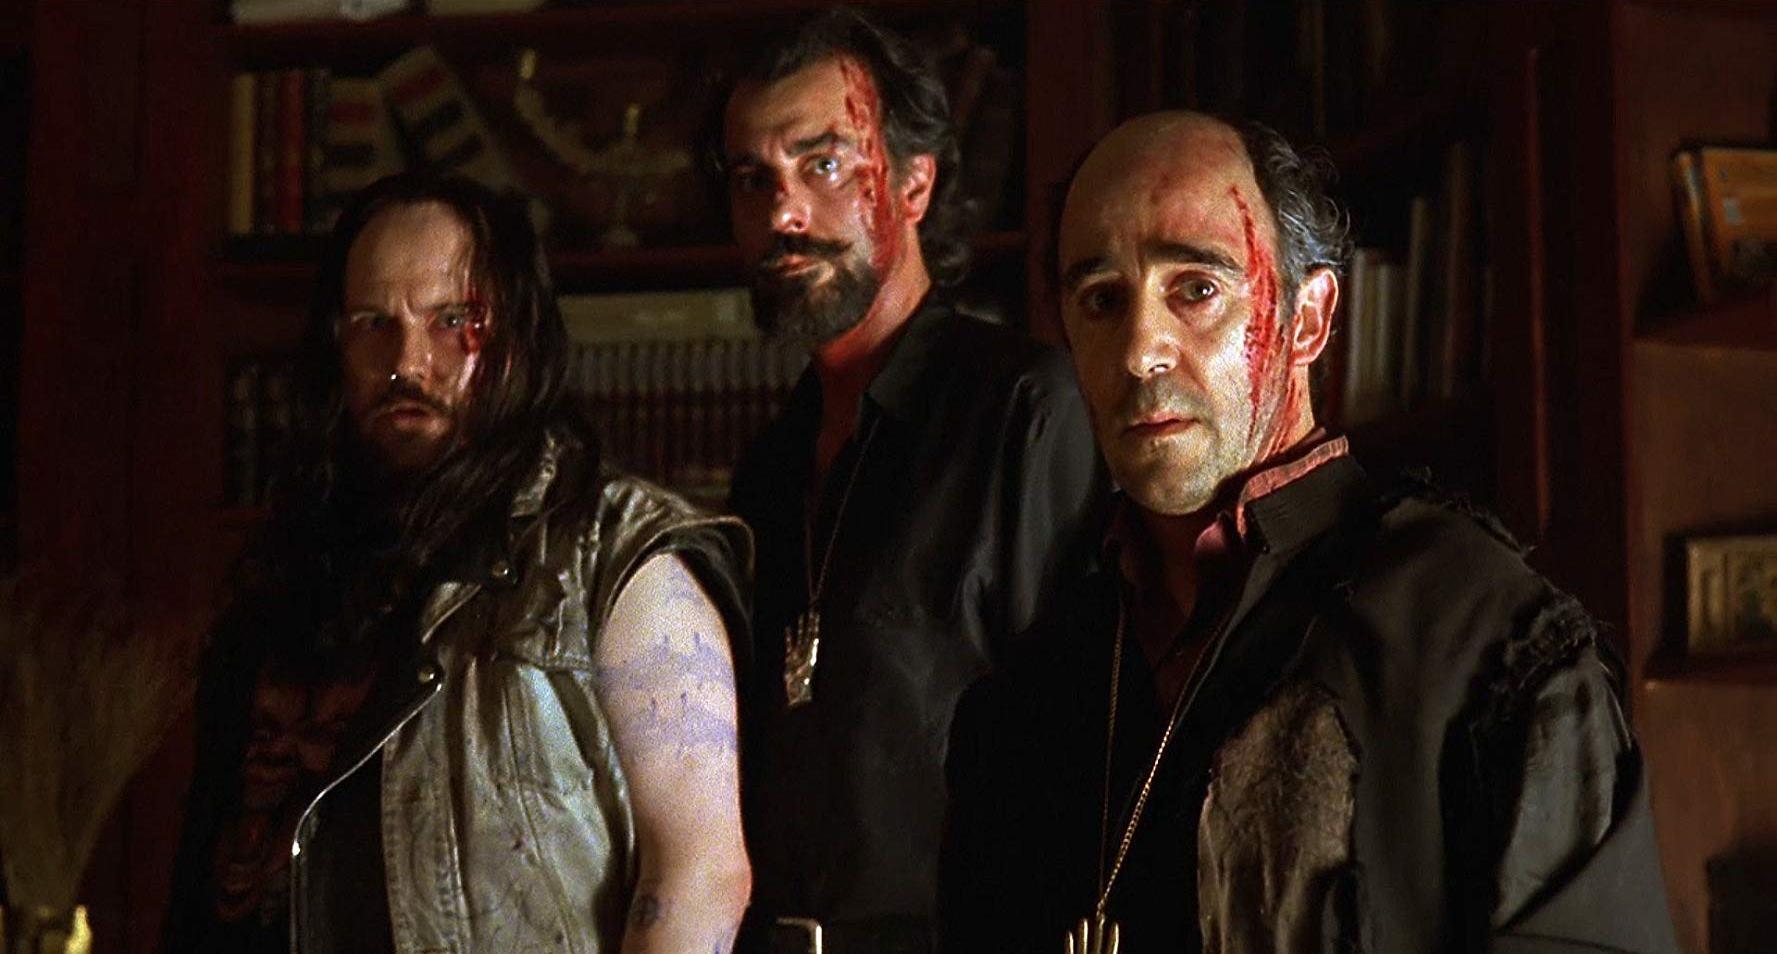 (l to r) Santiago Segura, Armando De Razza and priest Alex Angulo prepare to summon The Devil in The Day of the Beast (1995)